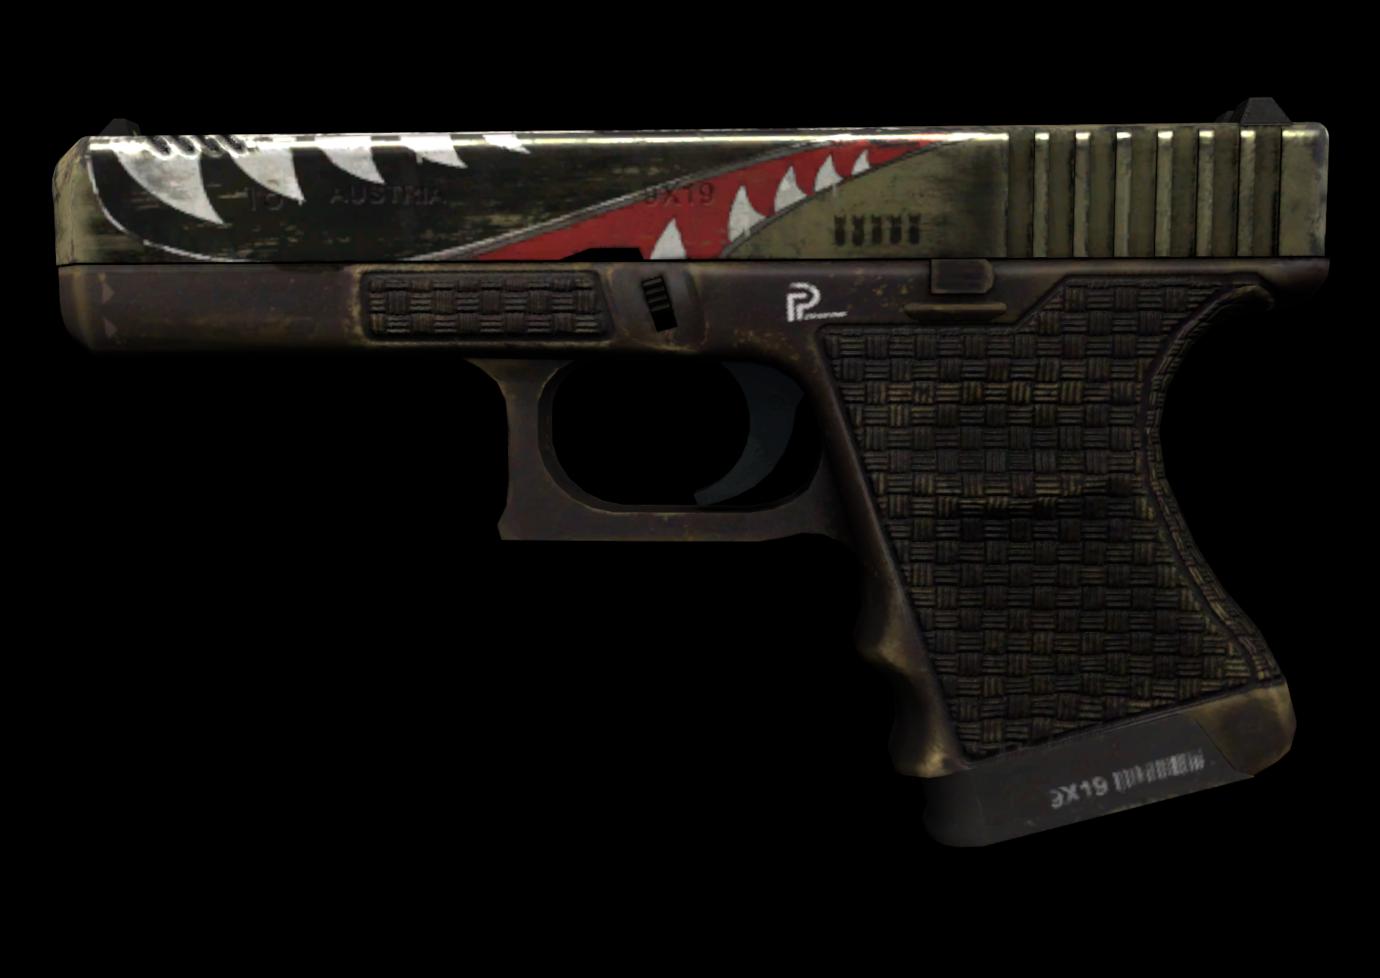 Glock-18 | Ястреб — цены, описание скина и паттернов в CS:GO на CS.MONEY  Wiki